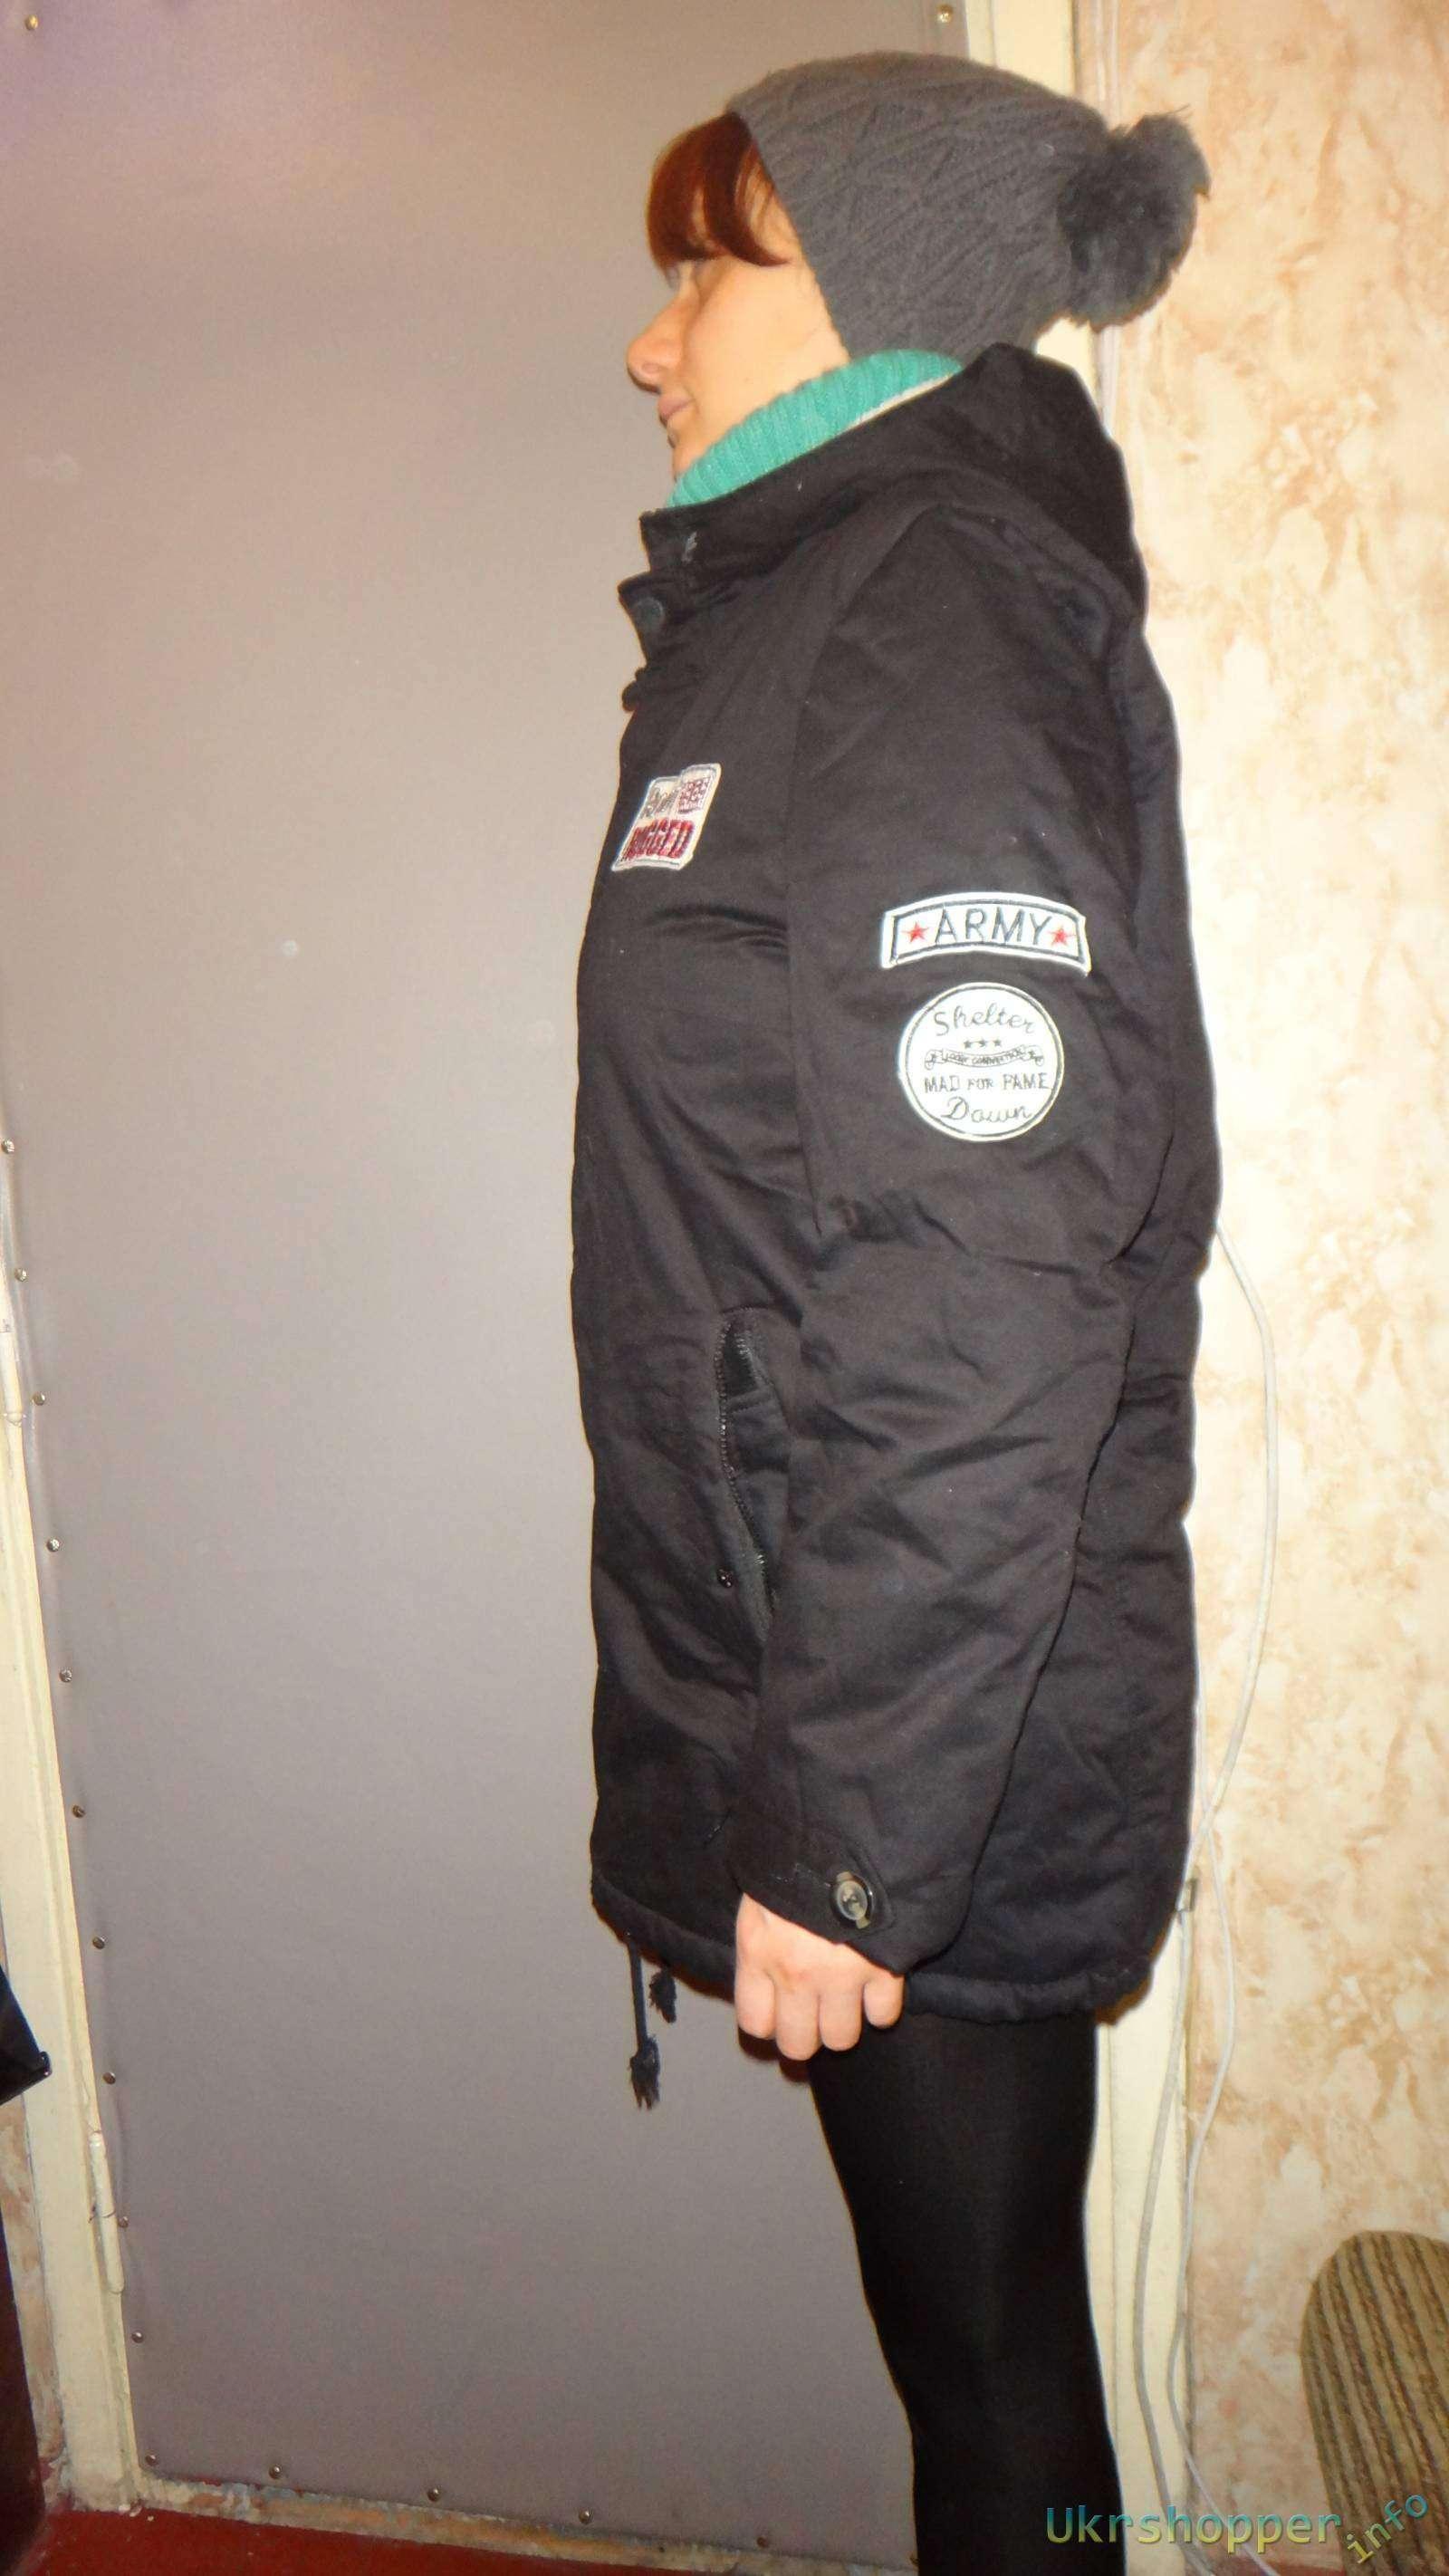 CooliCool: Обзор мужской куртки- парки, которая понравилась и подошла больше мне